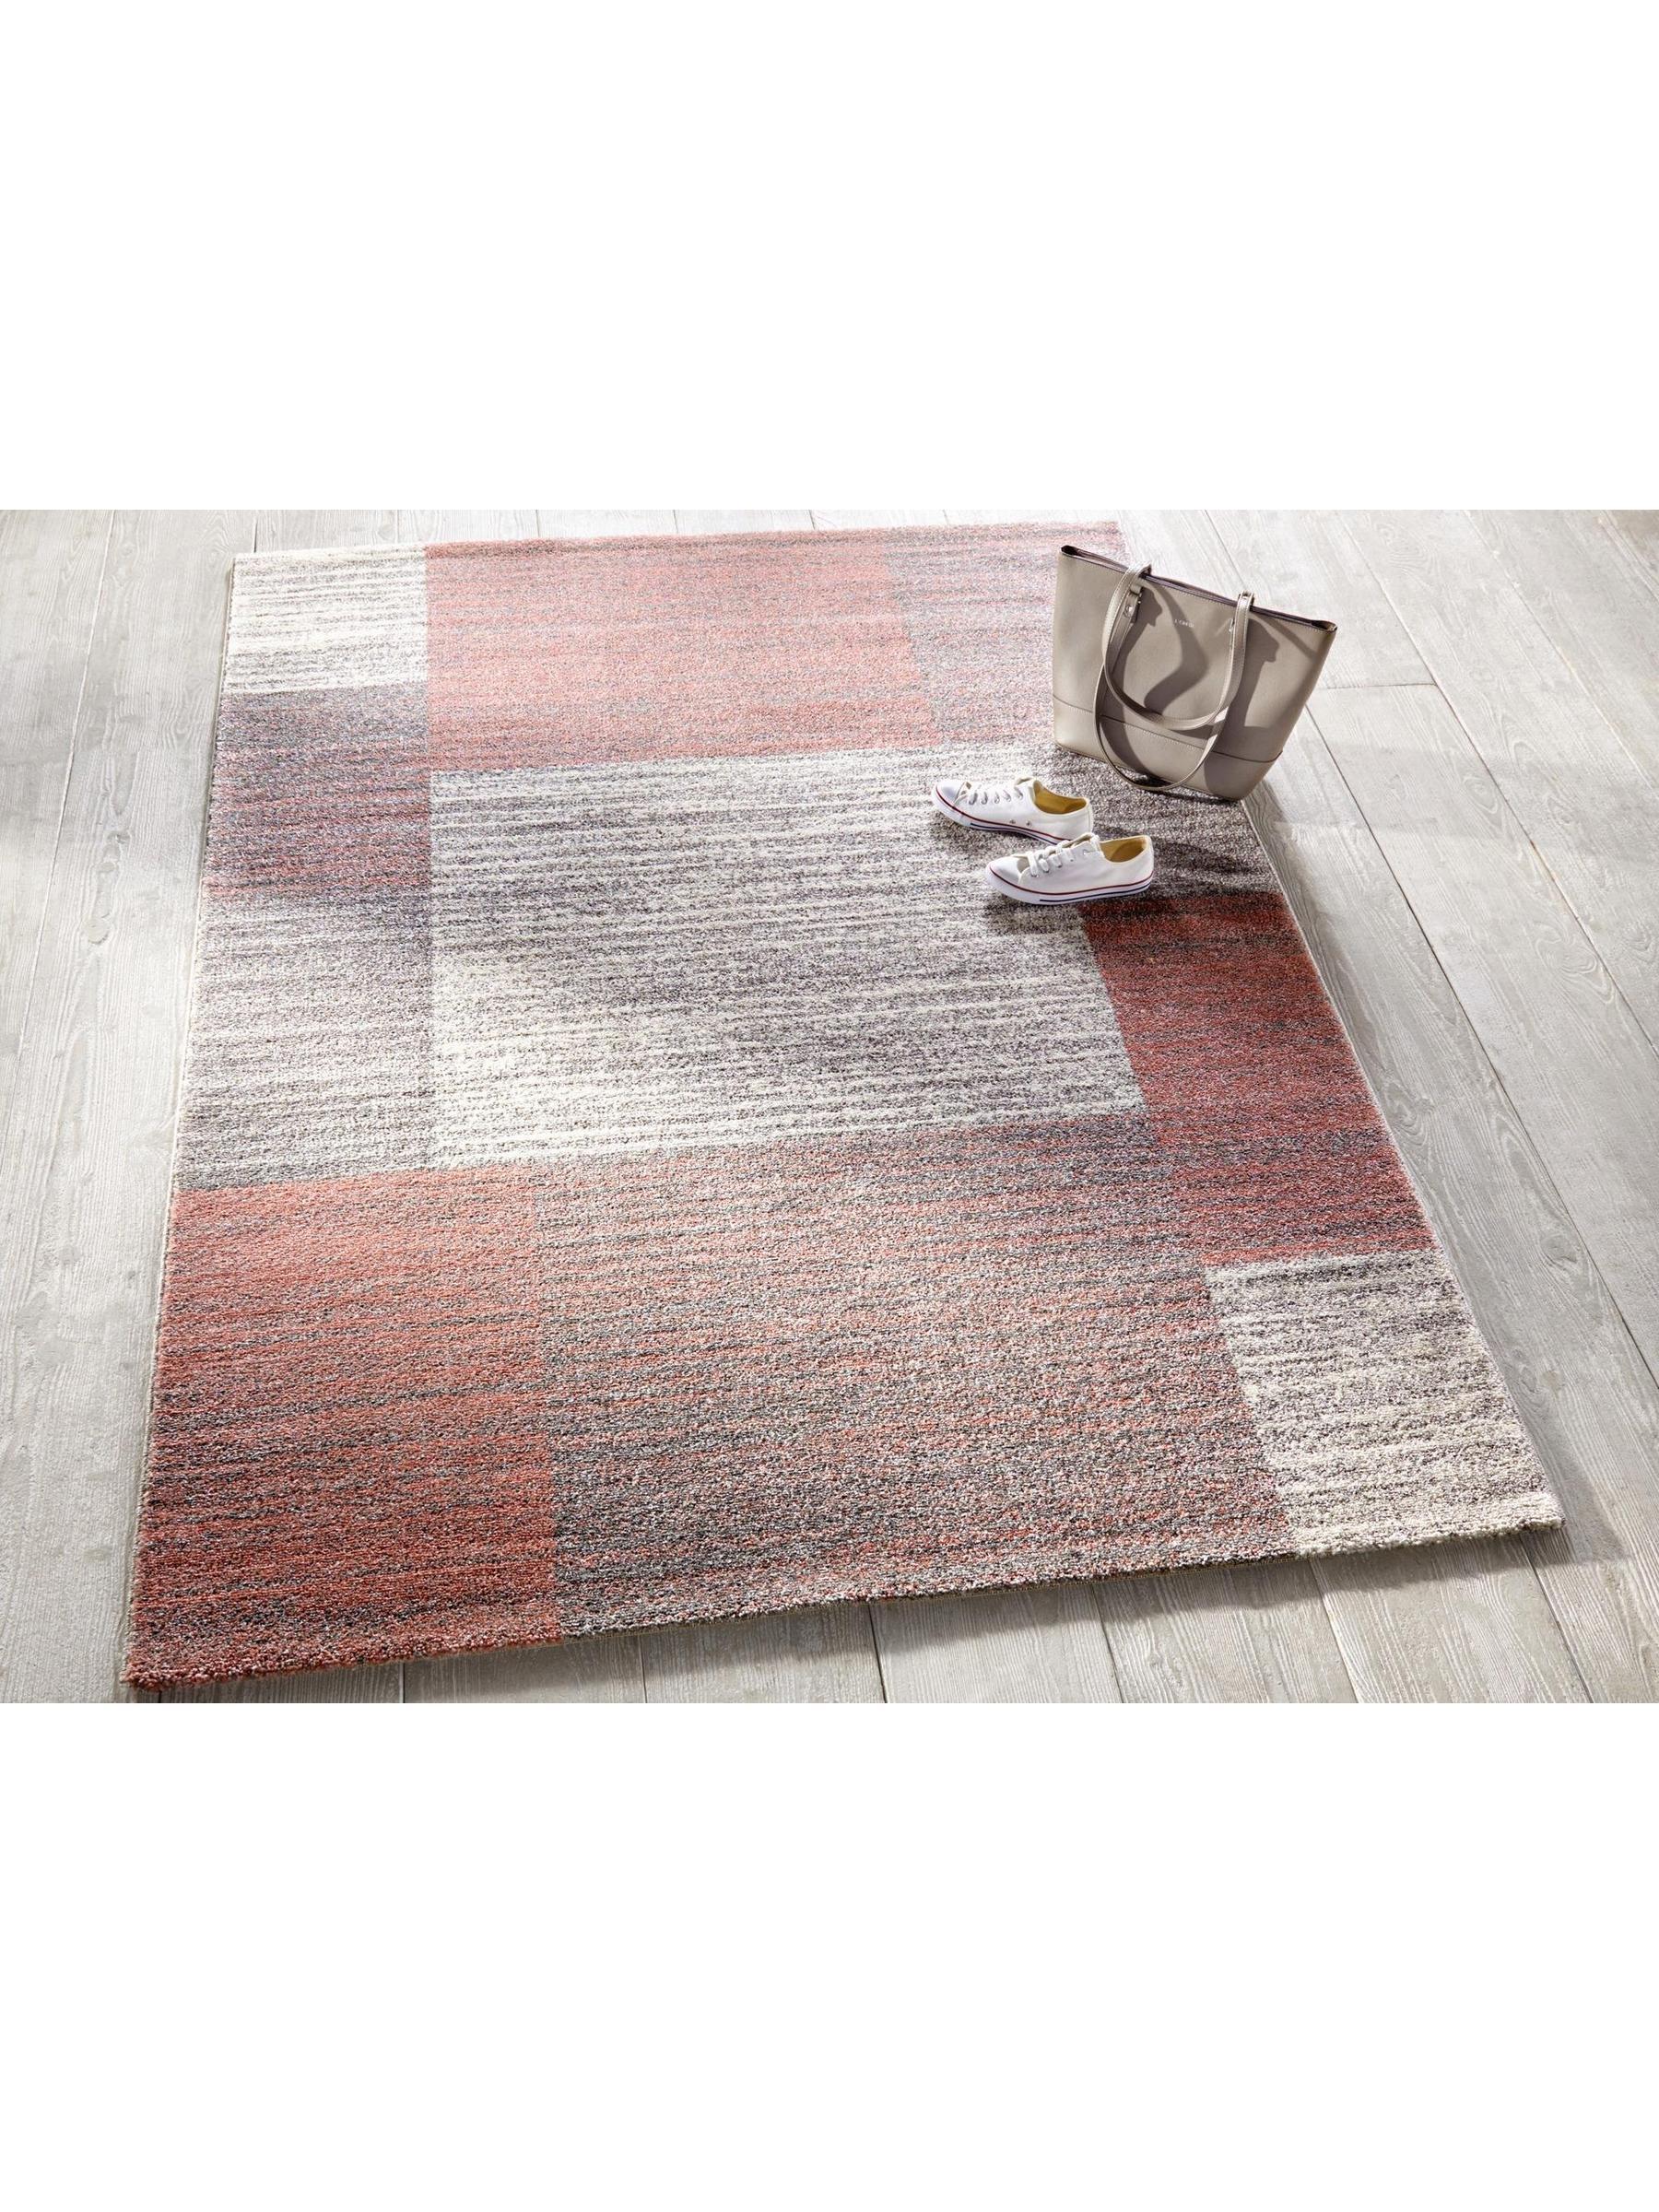 Teppich 160x230  in Pastellfarben